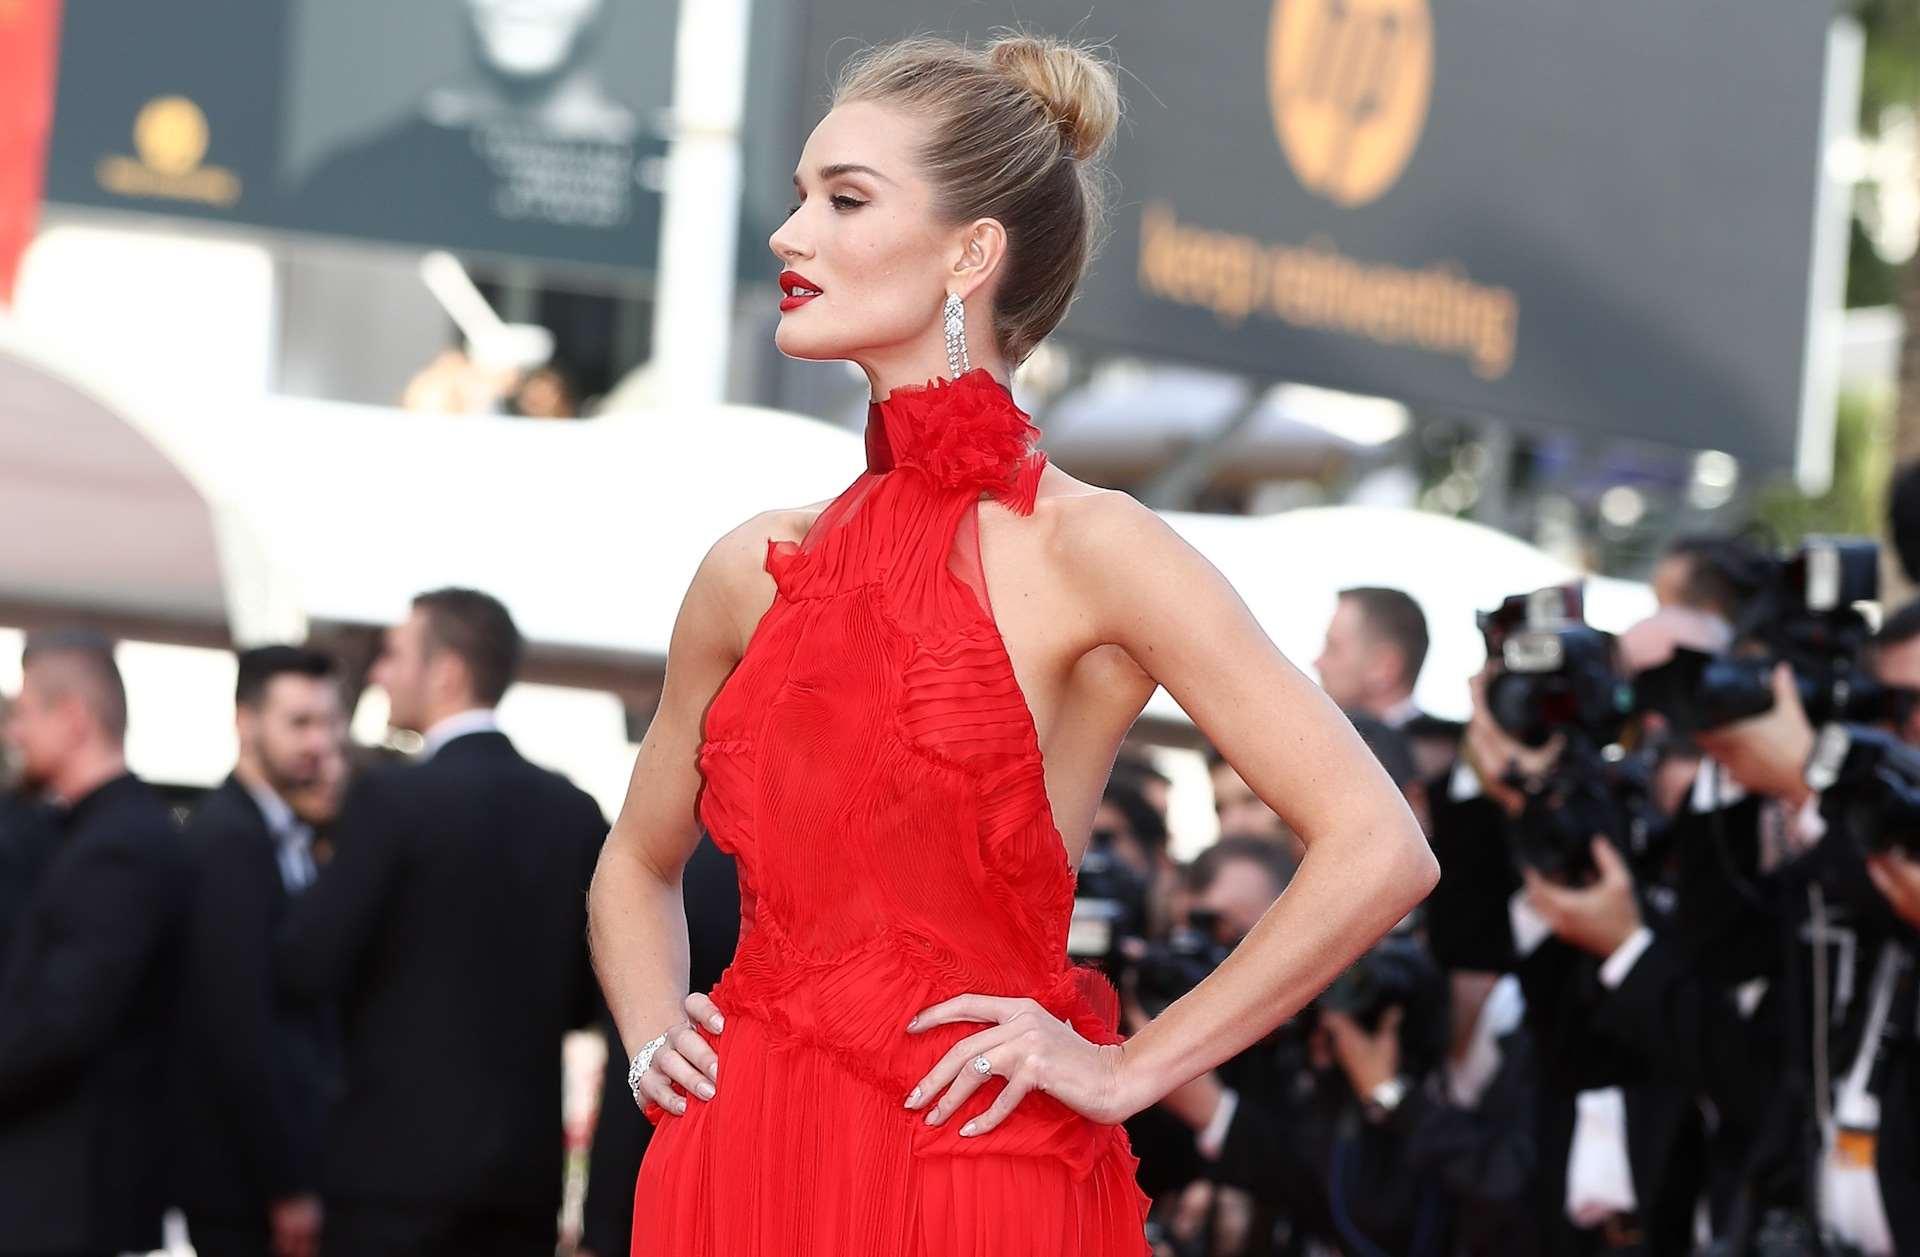 9e29d780e5e Τα ωραιότερα κόκκινα φορέματα που είδαμε στο red carpet